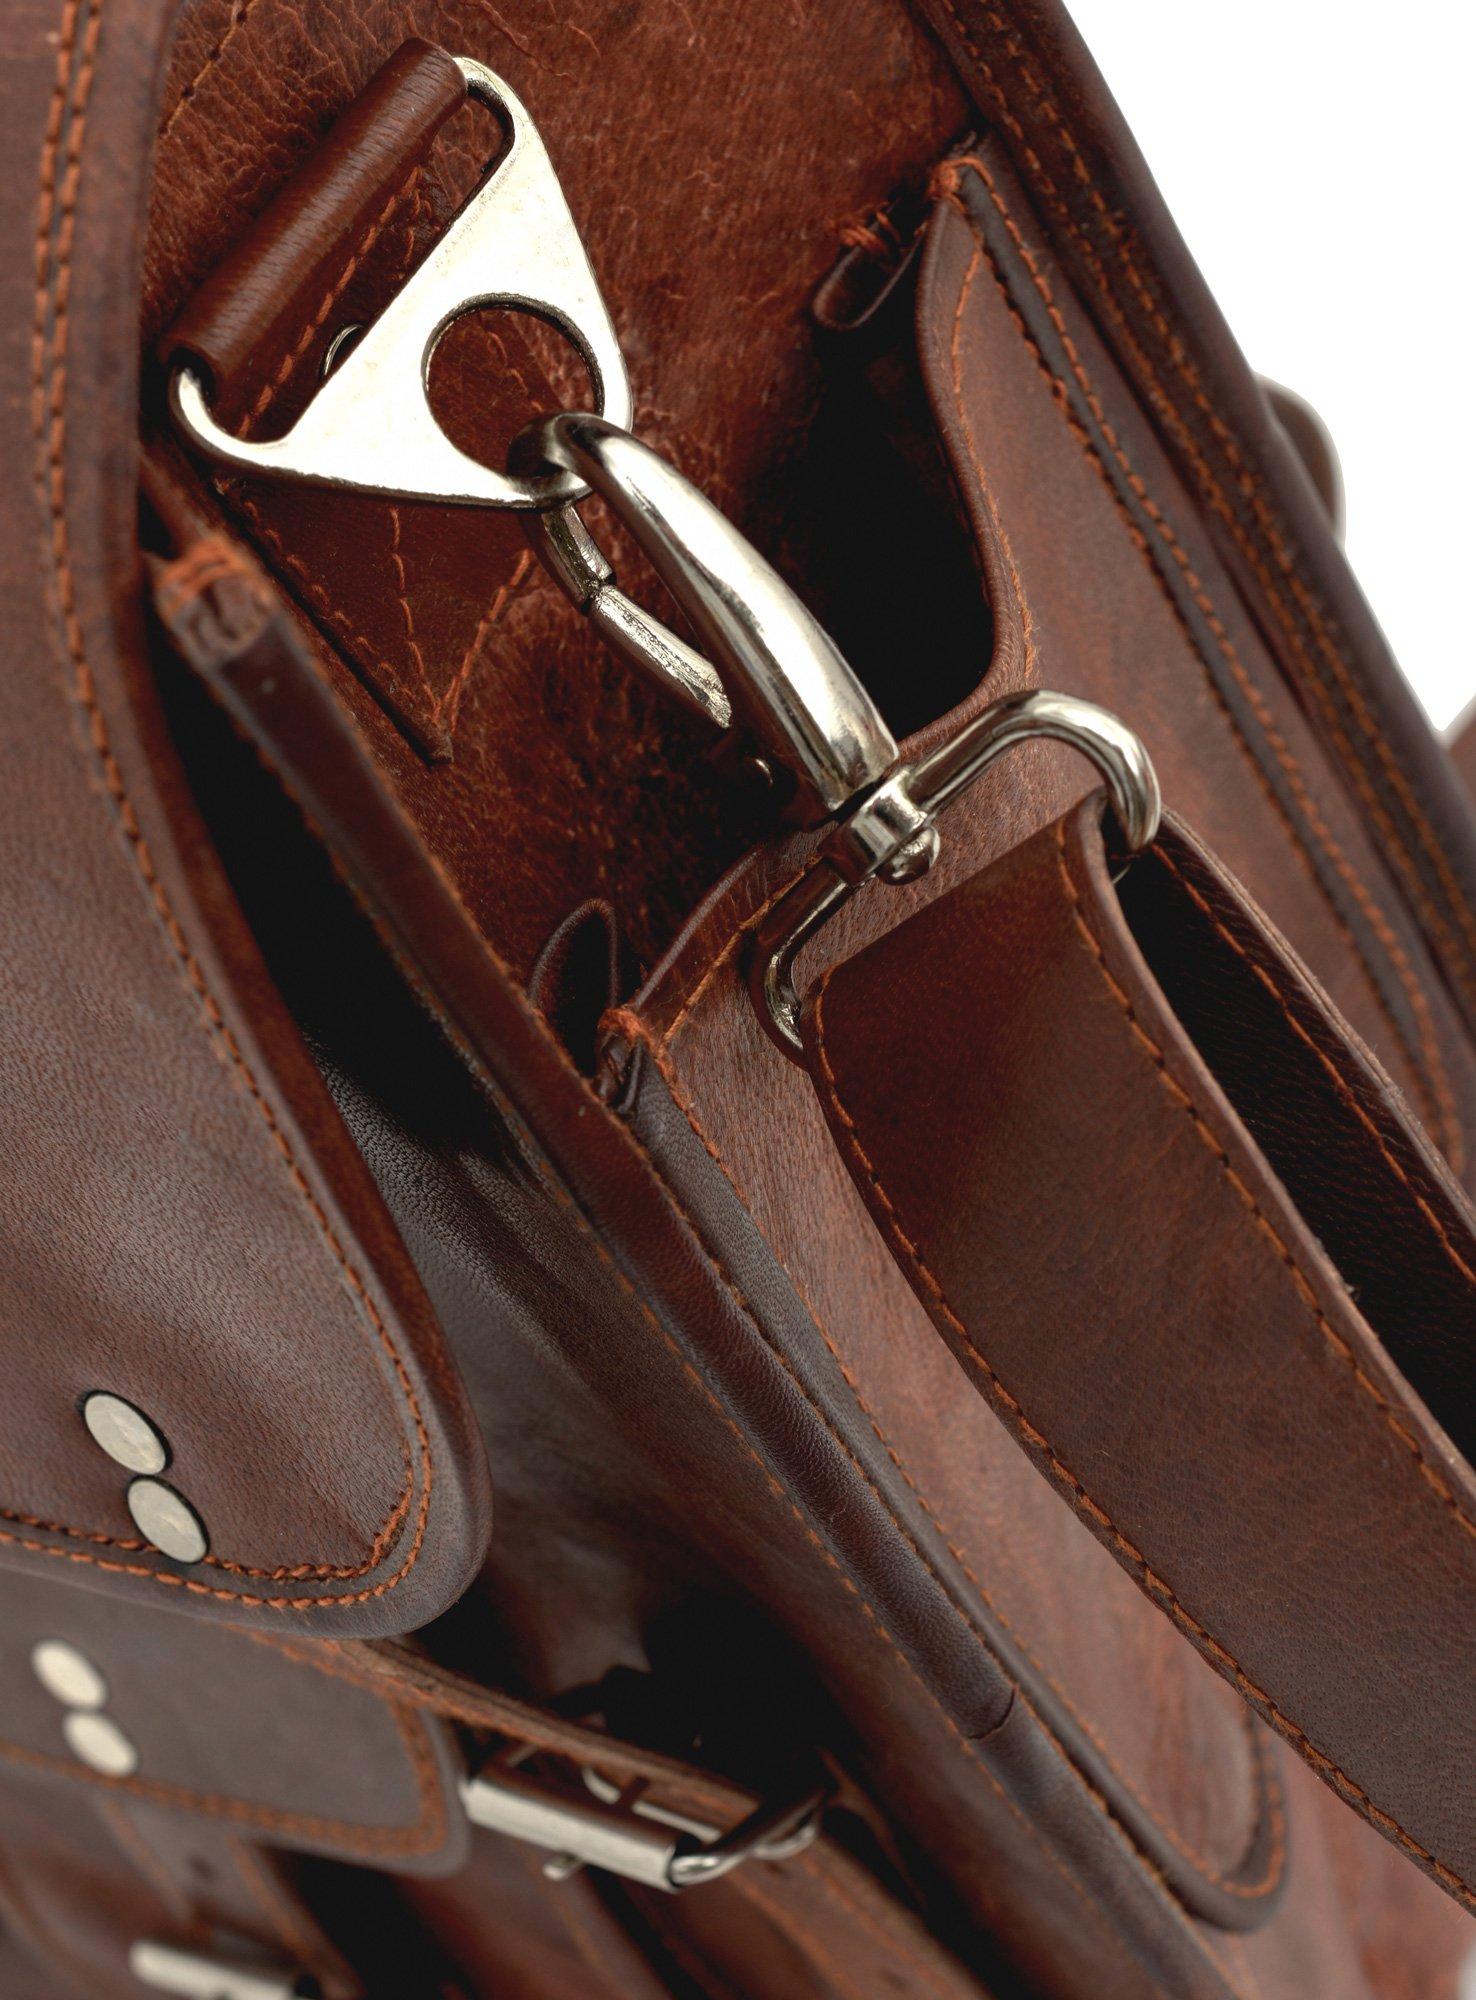 81stgeneration Men's Women's Genuine Large Leather Vertical Messenger Style Backpack Shoulder Bag by 81stgeneration (Image #5)